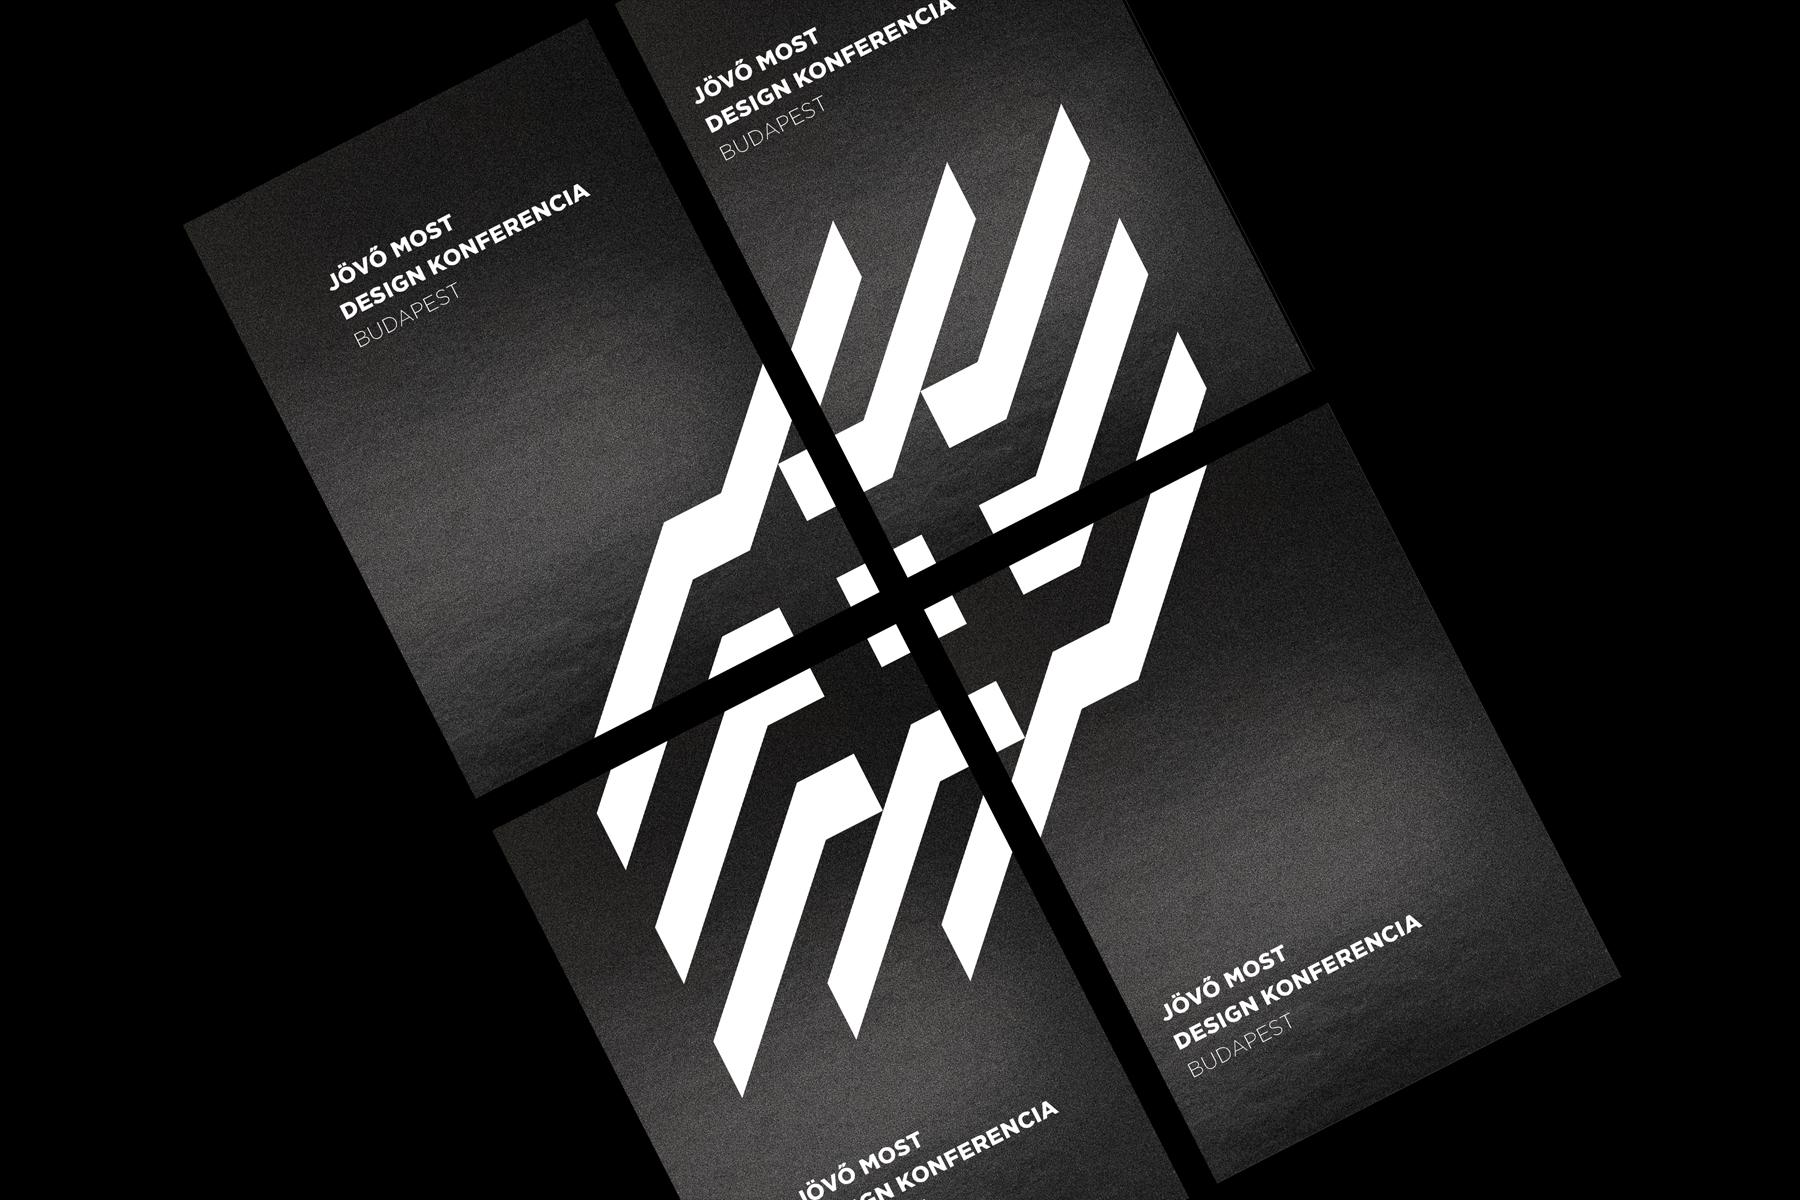 JuhászKlaudia_PothárnJúlia_DesignKonferencia_kép10.jpg